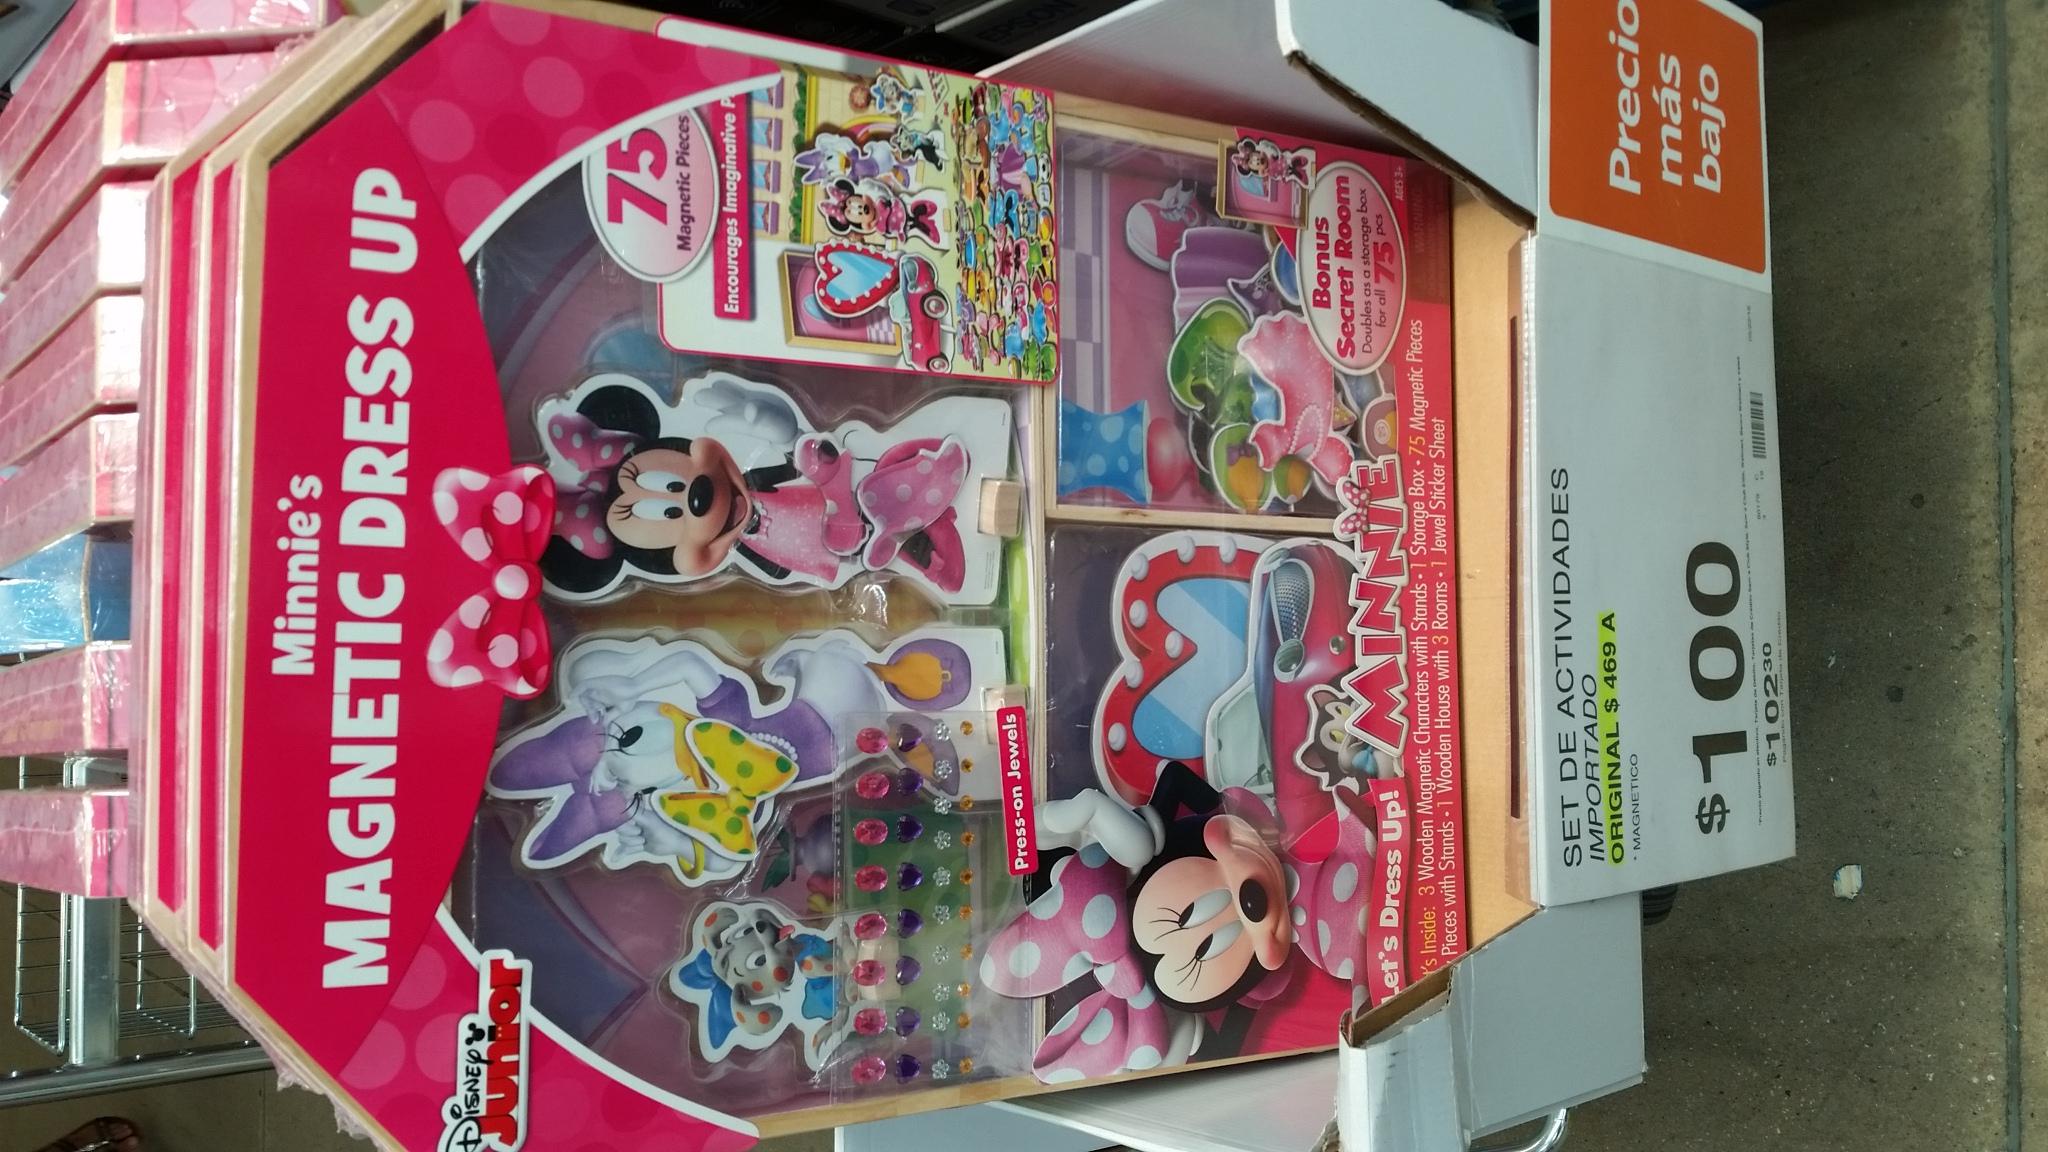 Sam's Club Coatzacoalcos: set magnético de actividades Disey o Princesas de $469 a $100 pesos